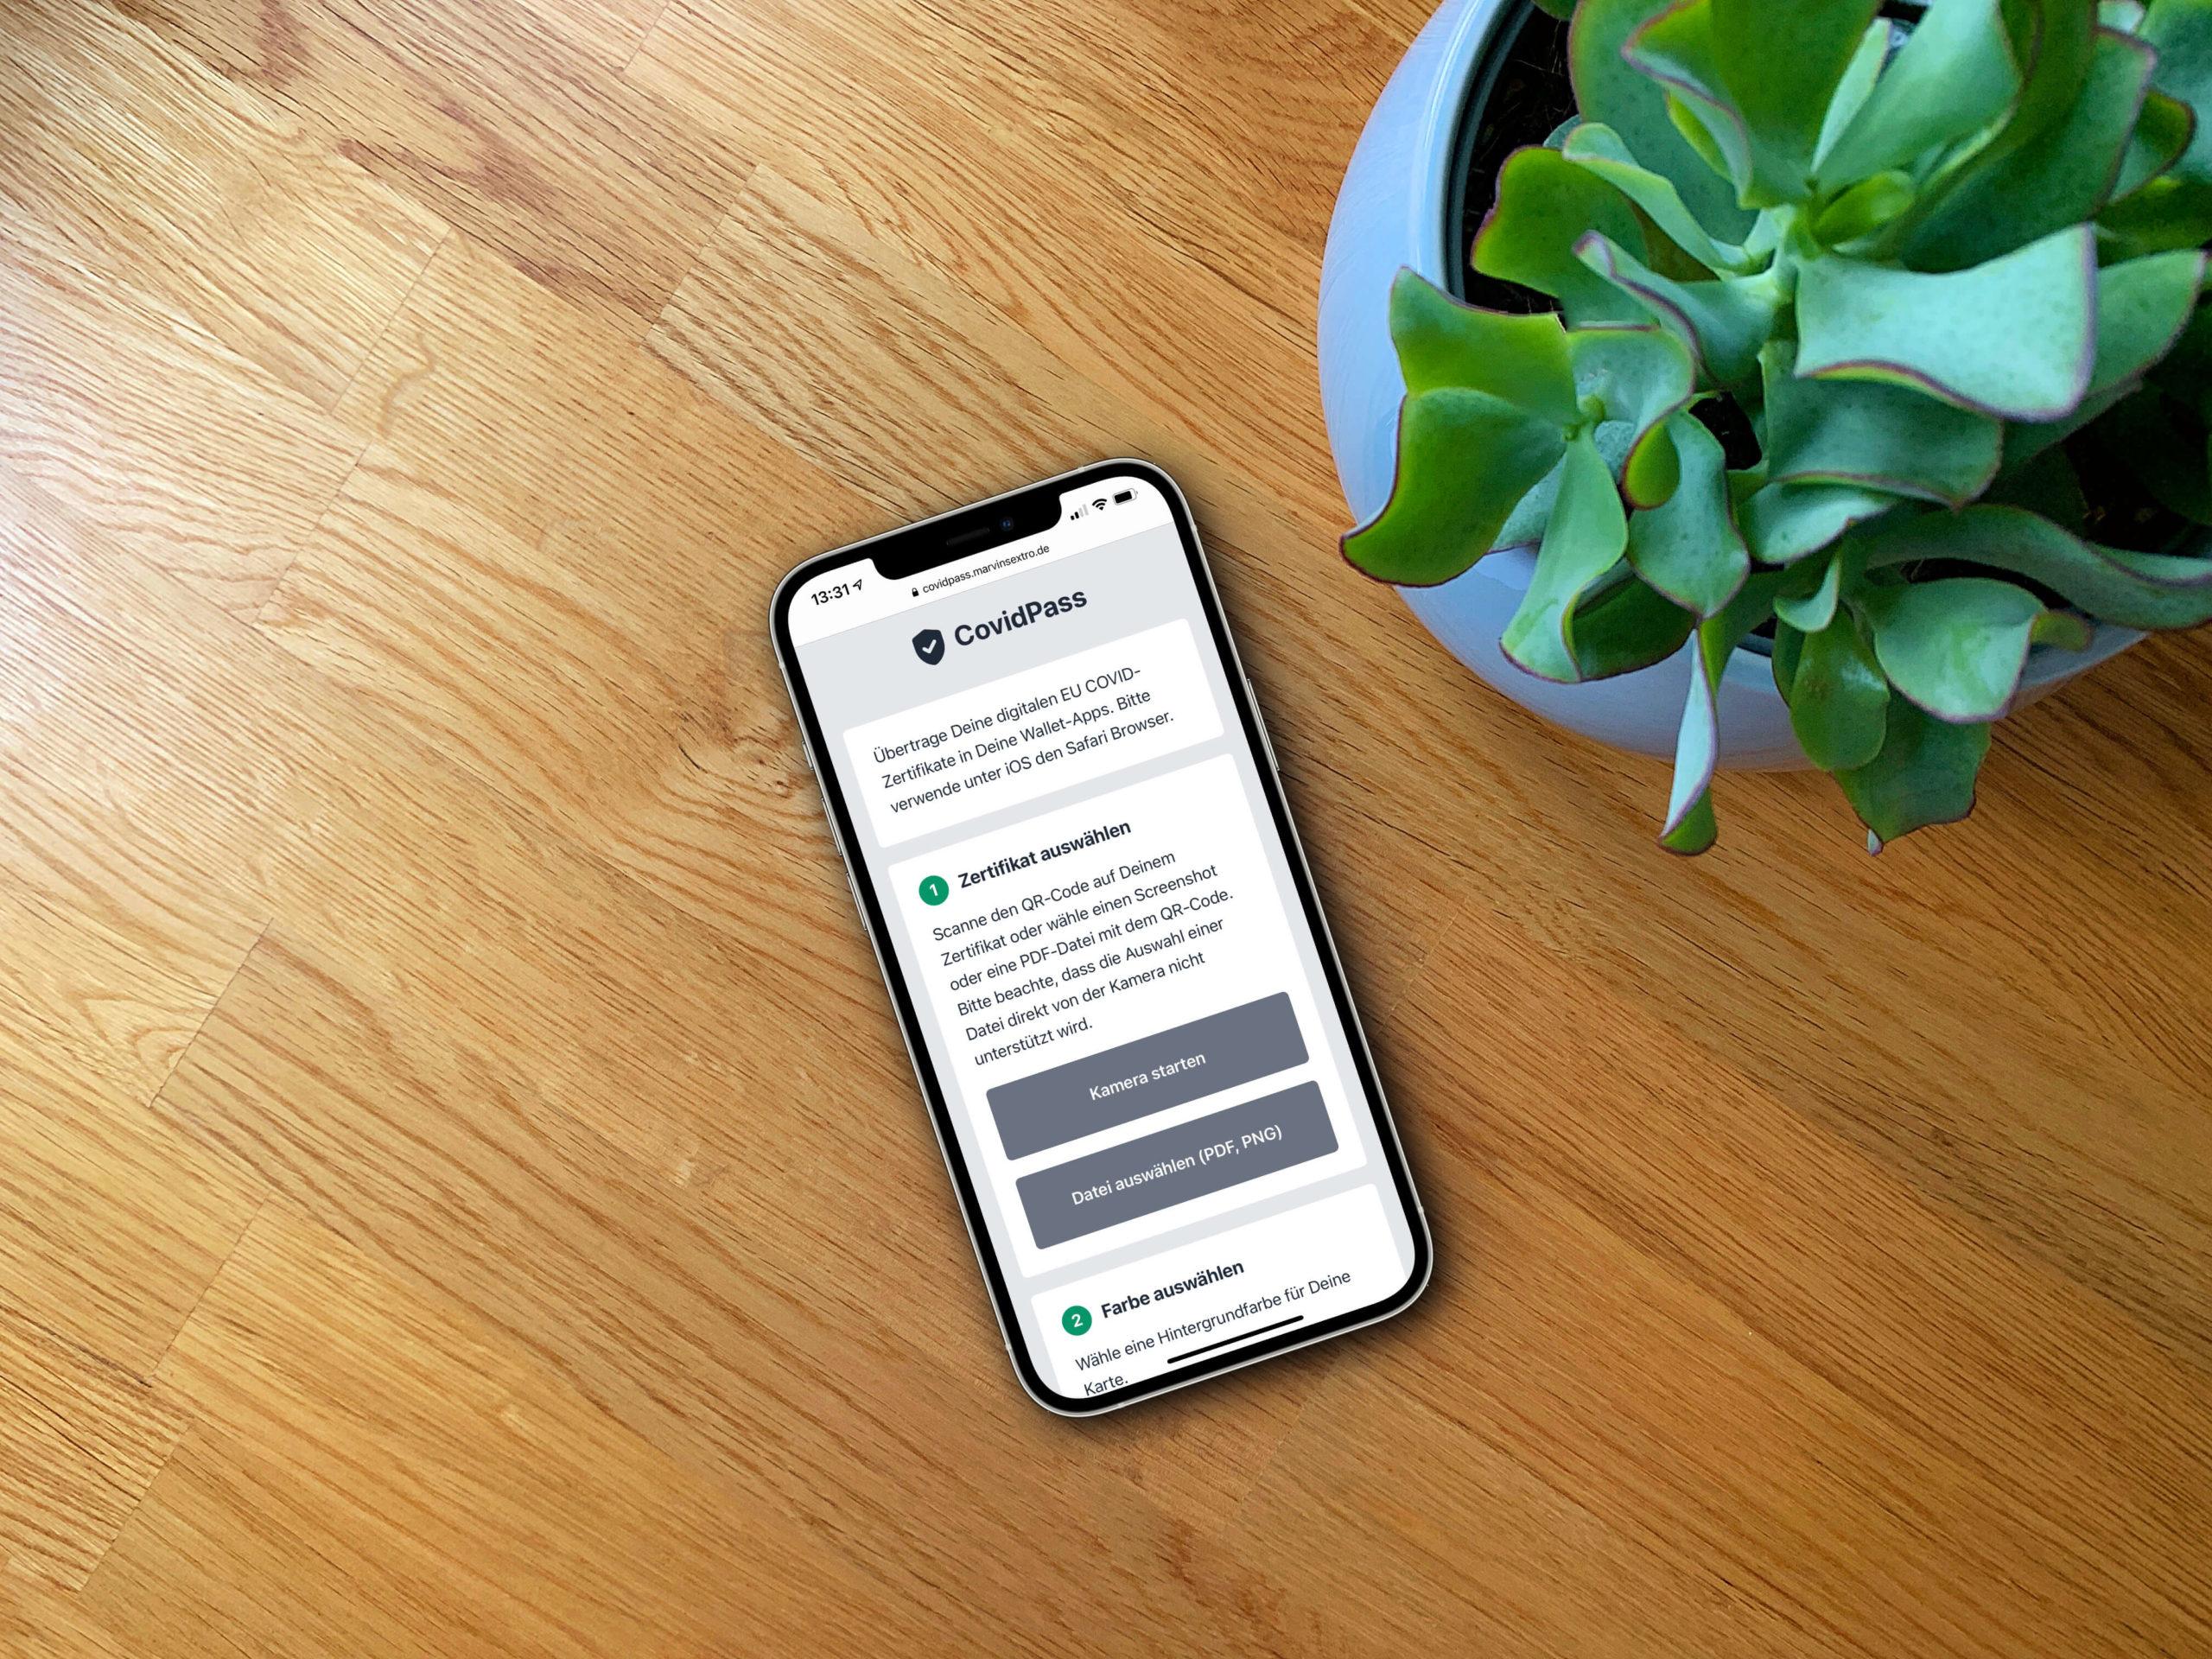 COVID-19-Impfzertifikat-ueber-die-Apple-Wallet-auf-iPhone-und-Apple-Watch-vorzeigen-scaled COVID-19 Impfzertifikat über die Apple Wallet auf iPhone und Apple Watch vorzeigen